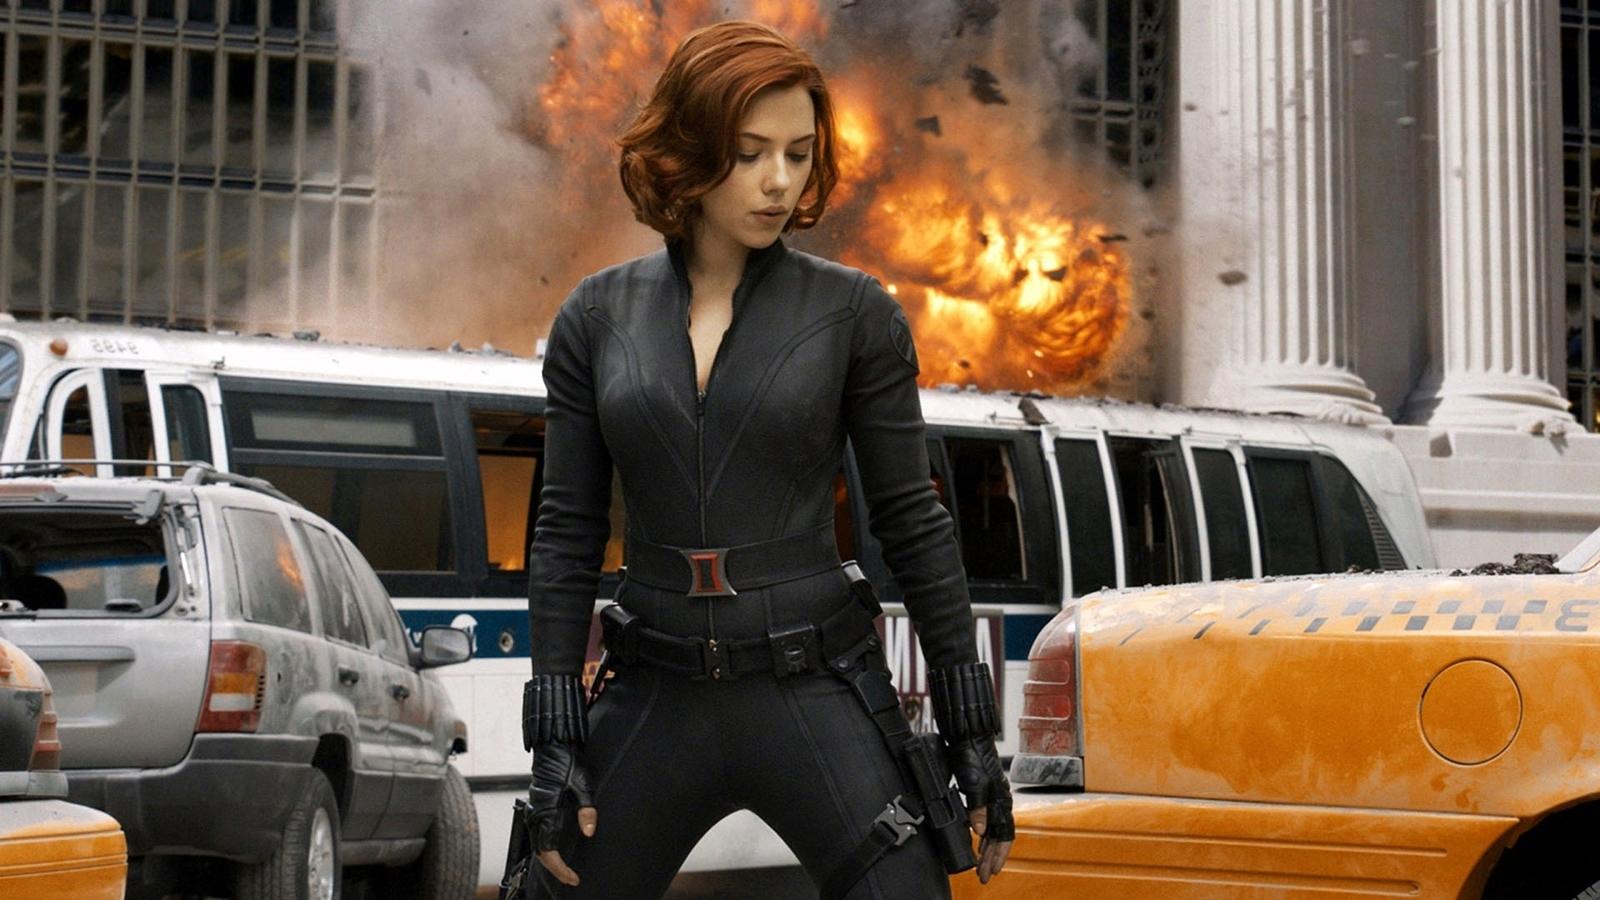 'Black Widow' cuatriplica las ganancias de Scarlett Johansson